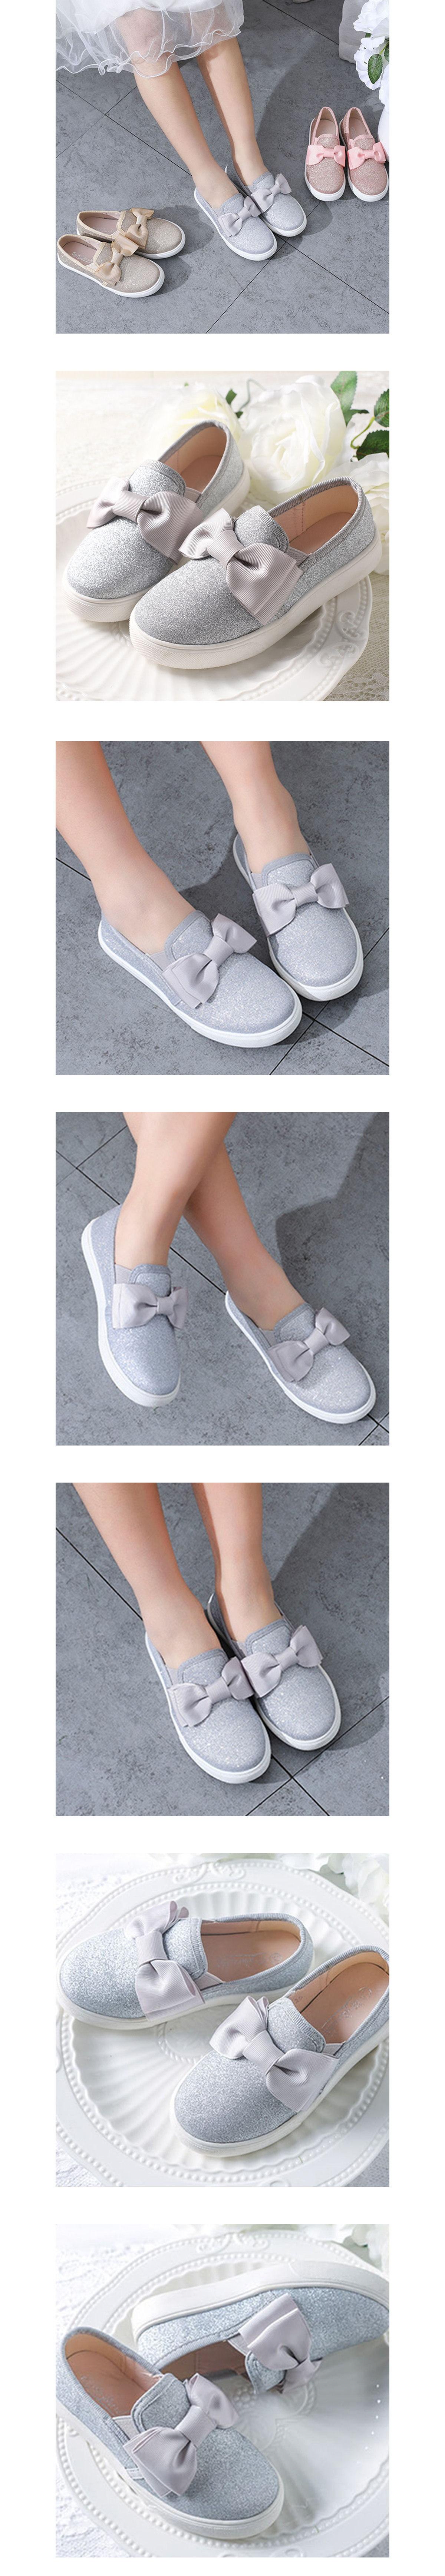 童鞋.蝴蝶結閃粉公主休閒軟底板鞋.童裝